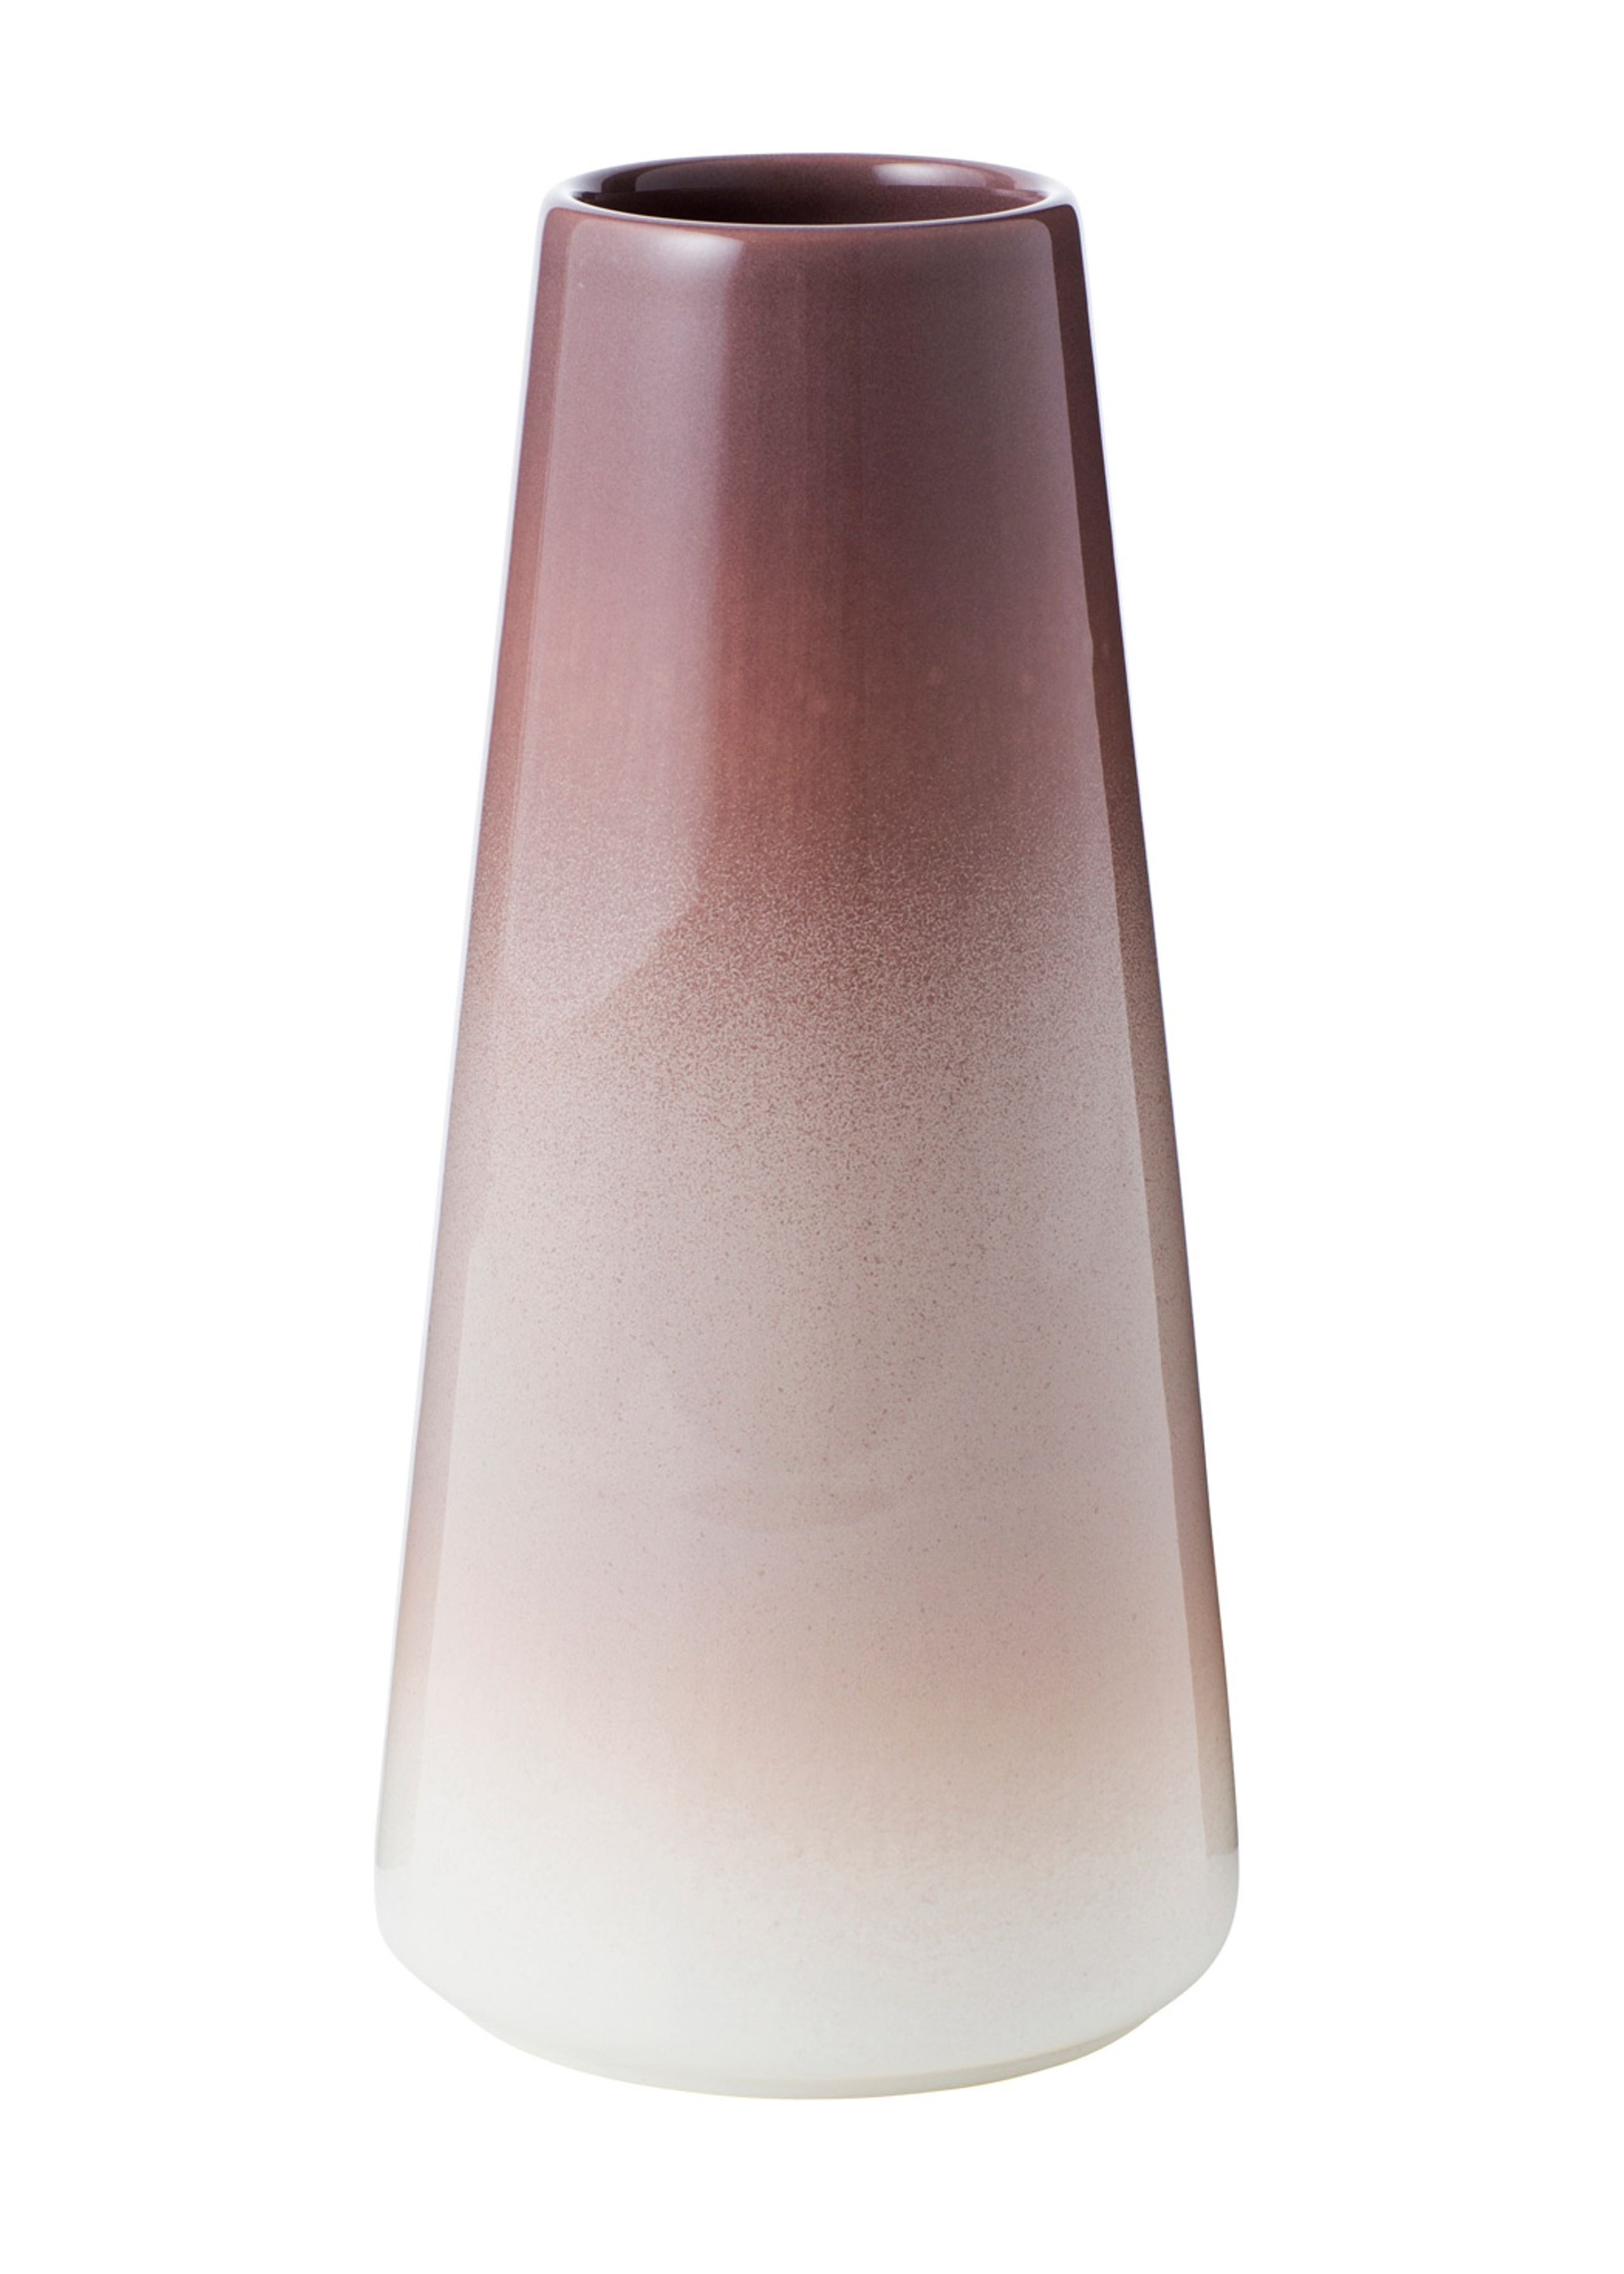 Image of   Nuvola Vase Large